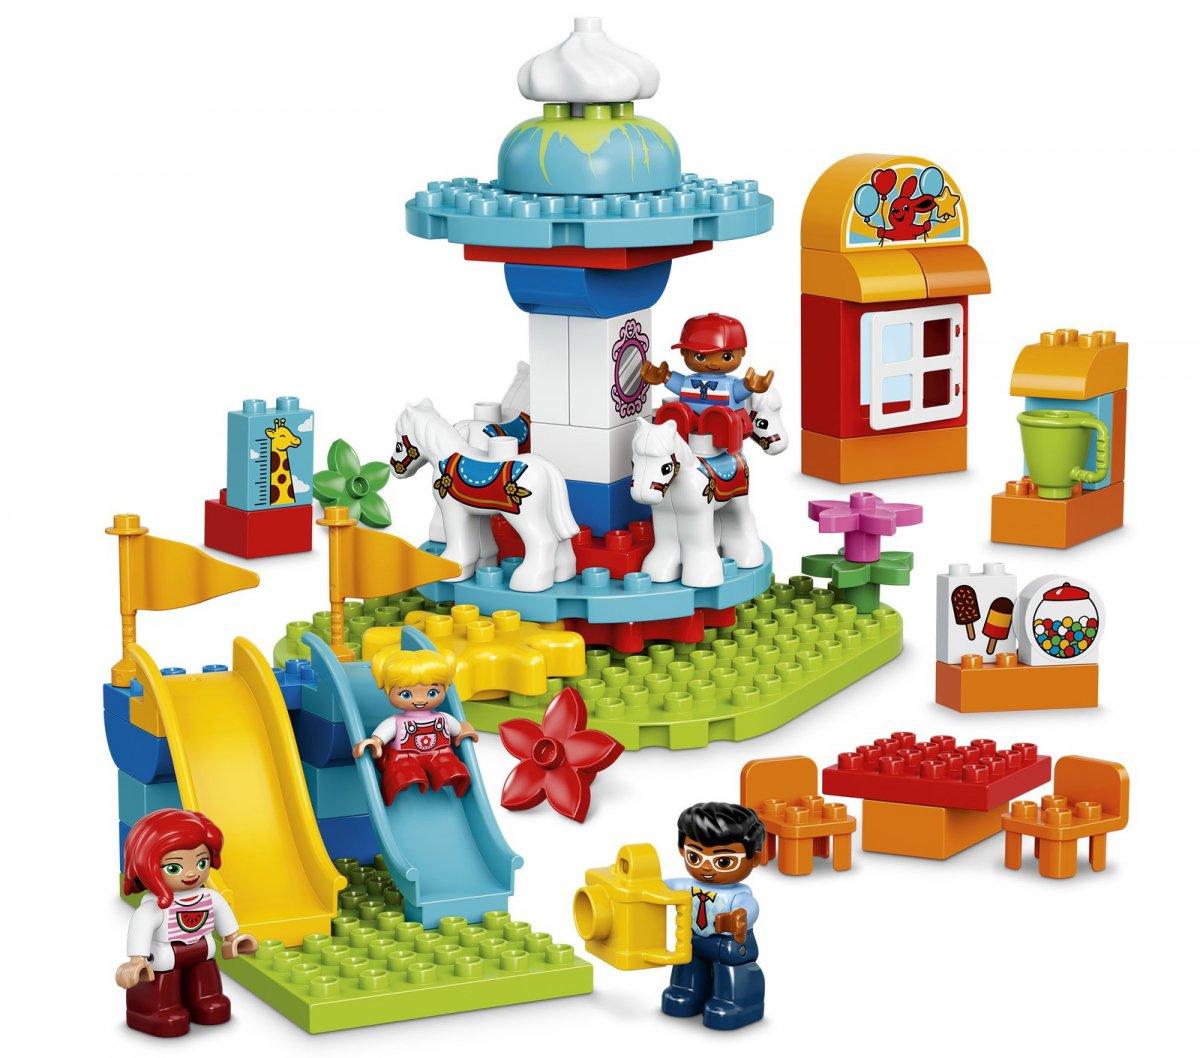 Klocki Lego Duplo 10841 Wesołe Miasteczko Gratis 7091552536